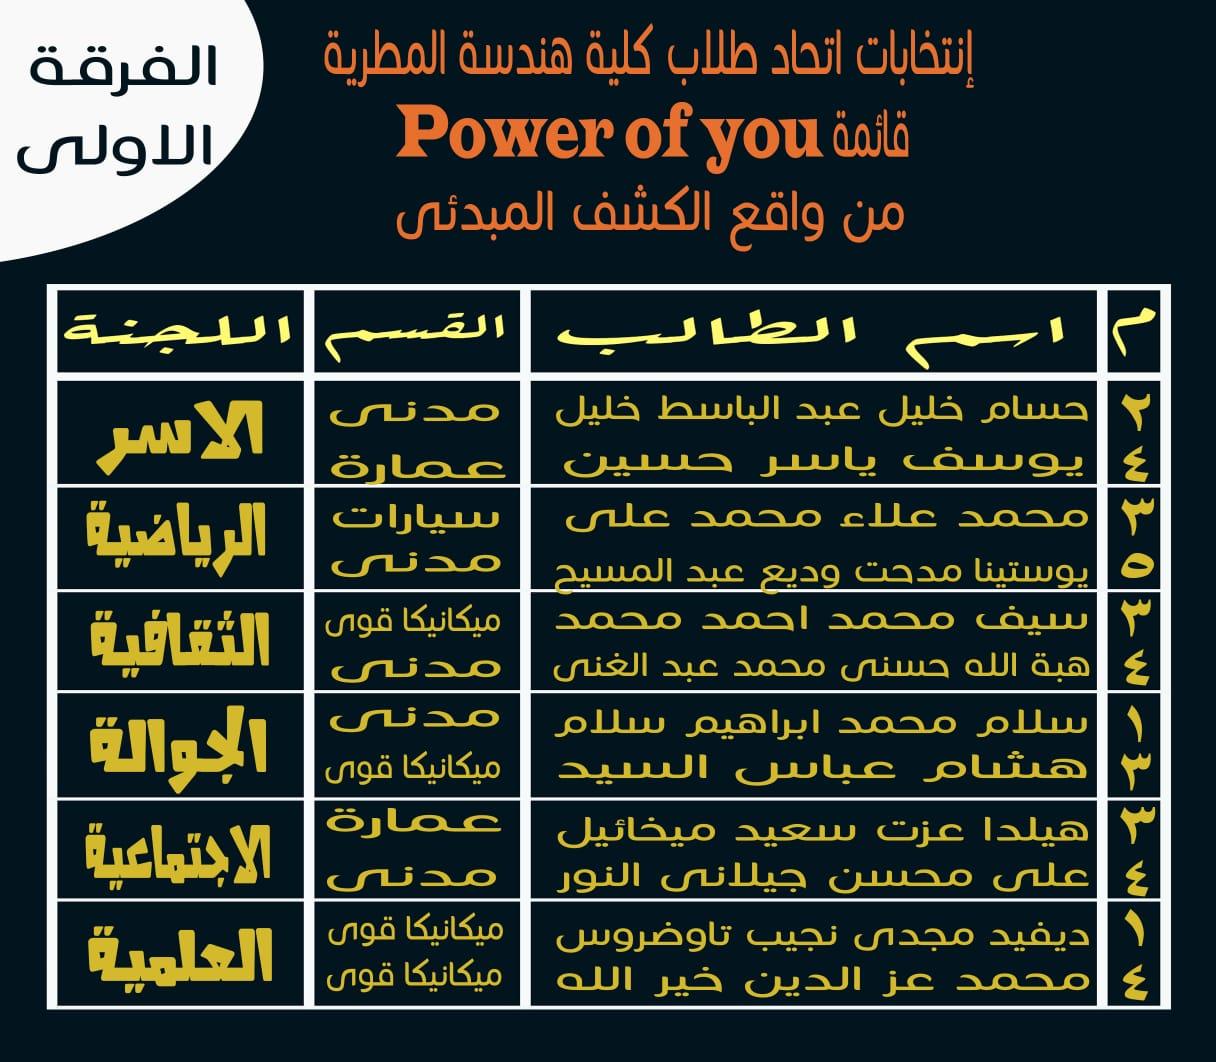 أعضاء قائمة power of you (6)